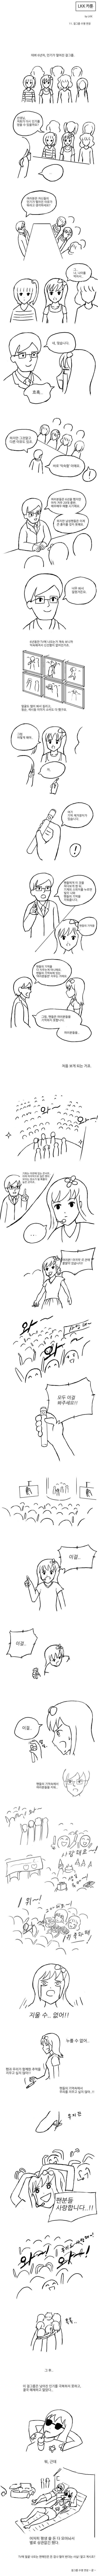 인기가 떨어진 걸그룹 아이돌의 현실   인스티즈